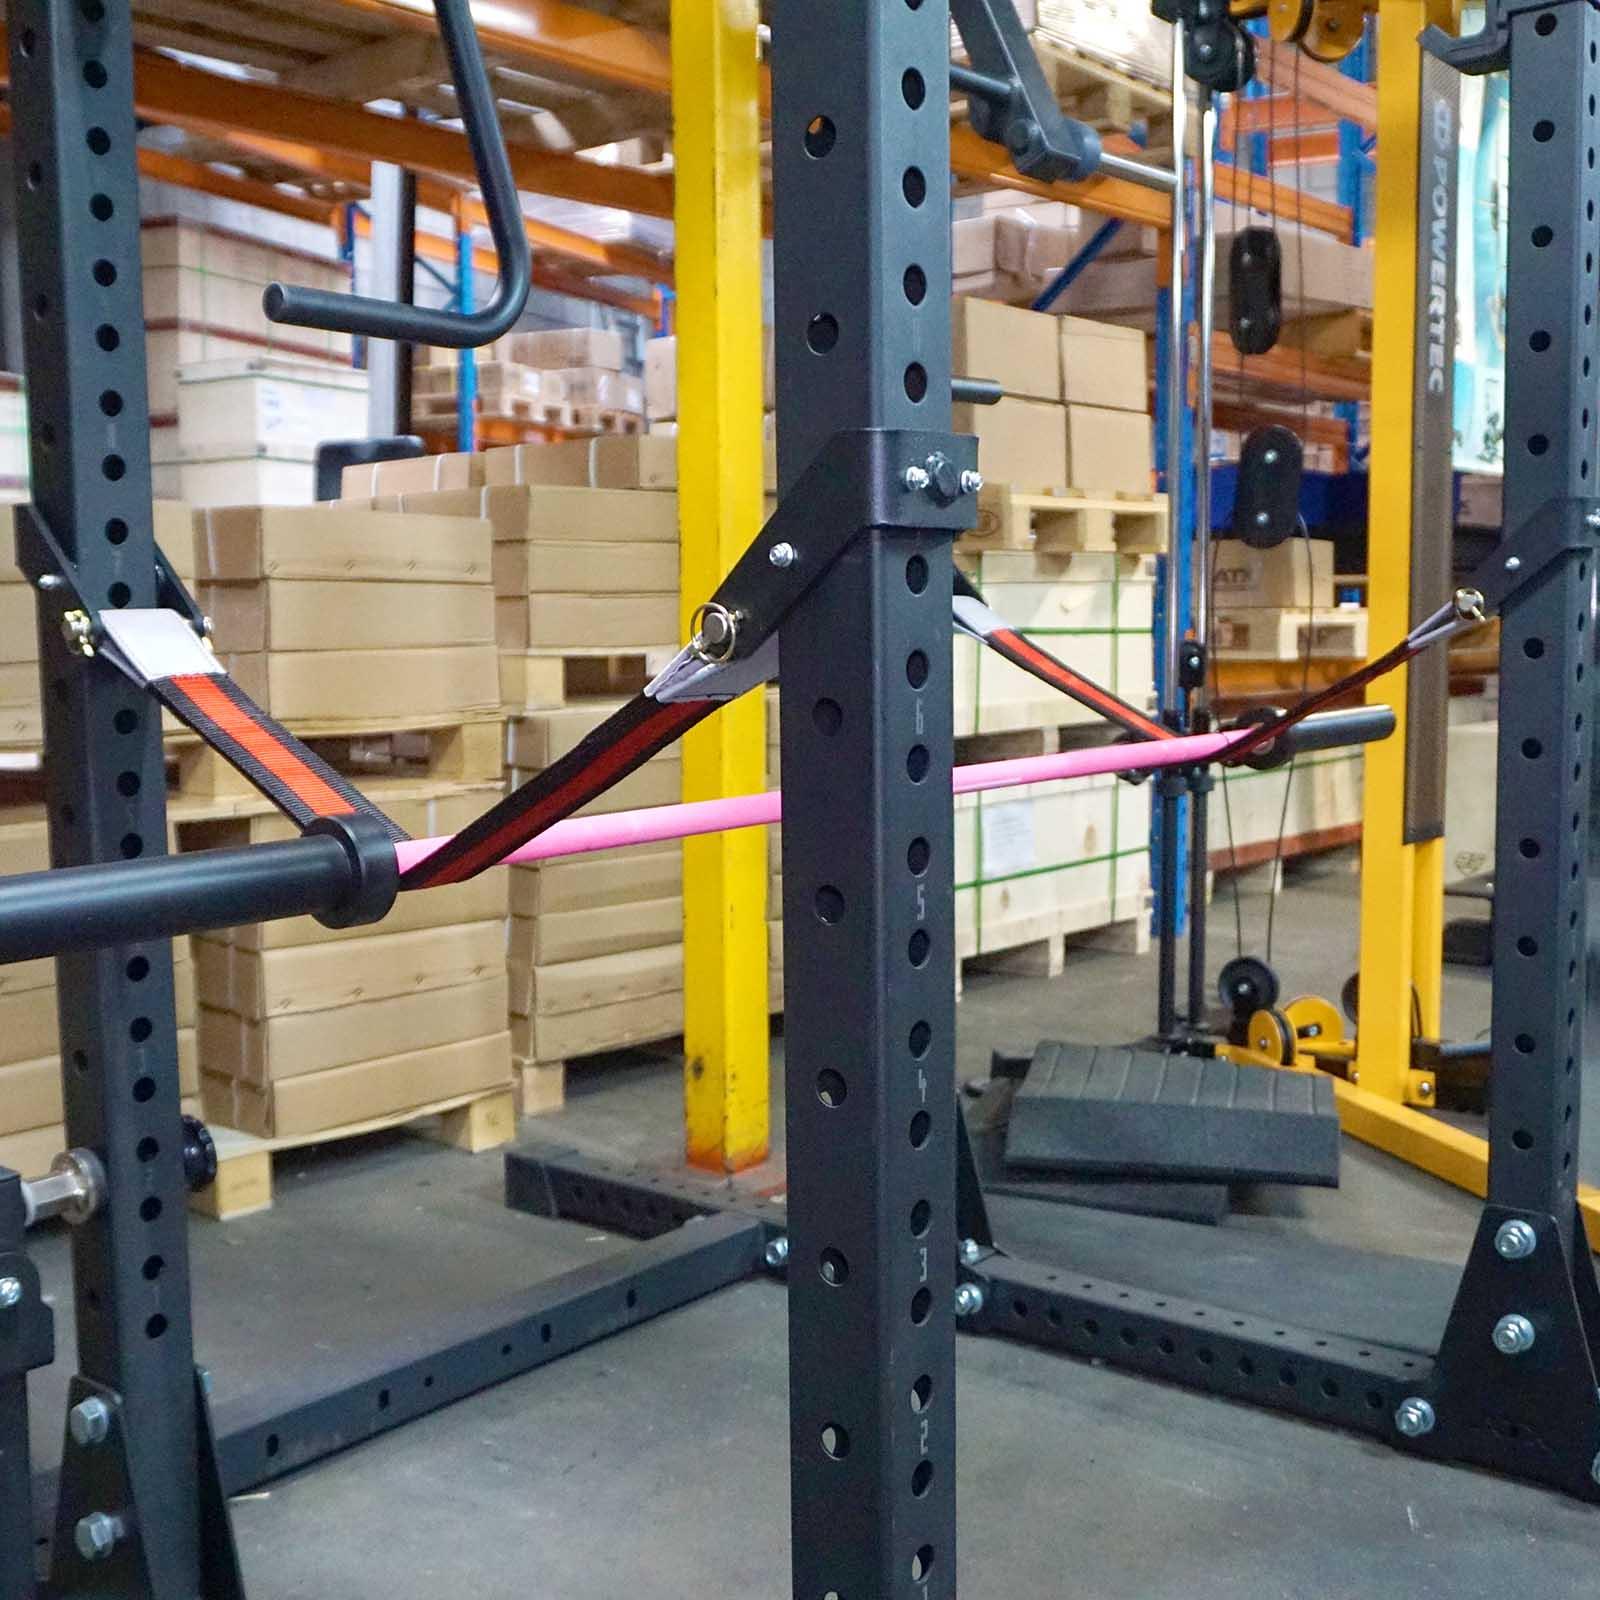 Safety spotter straps